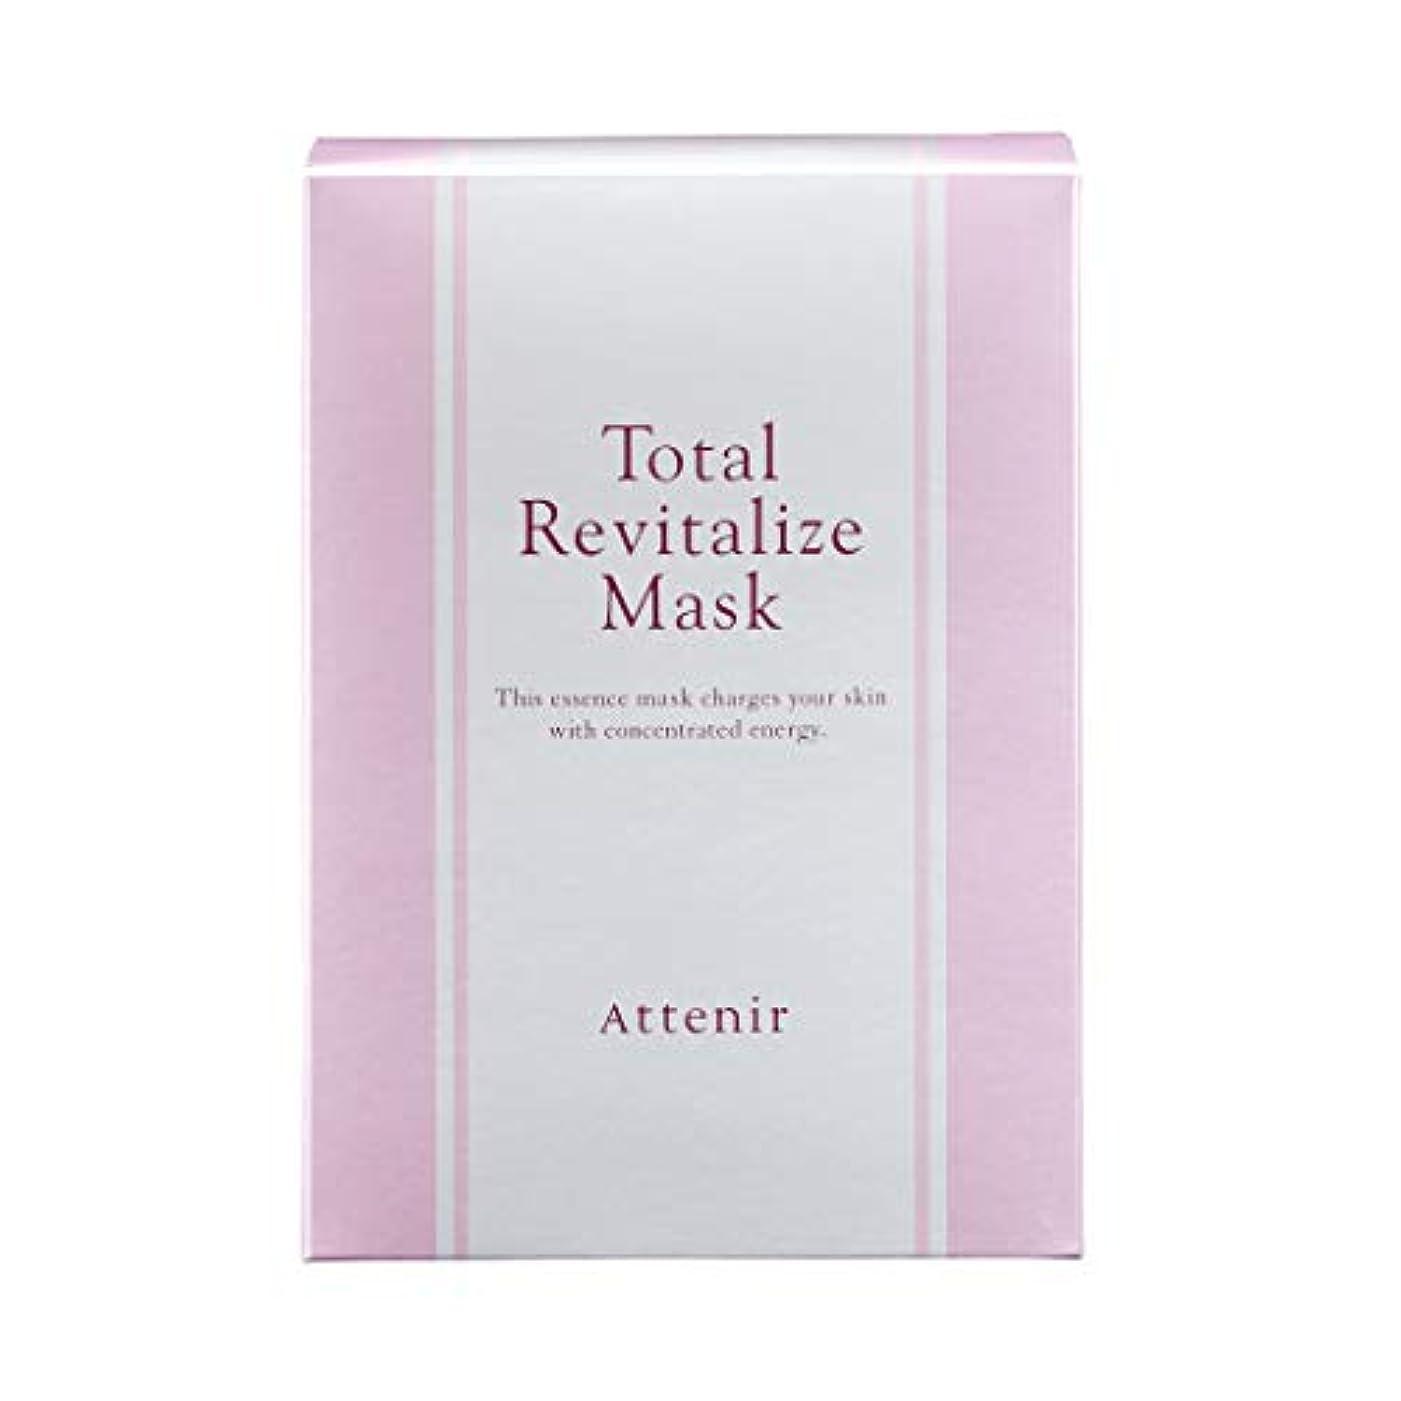 喜び代替案ダウンアテニア トータルリヴァイタライズ マスク肌疲労ケアシートマスク 全顔用 6包入り フェイスパック